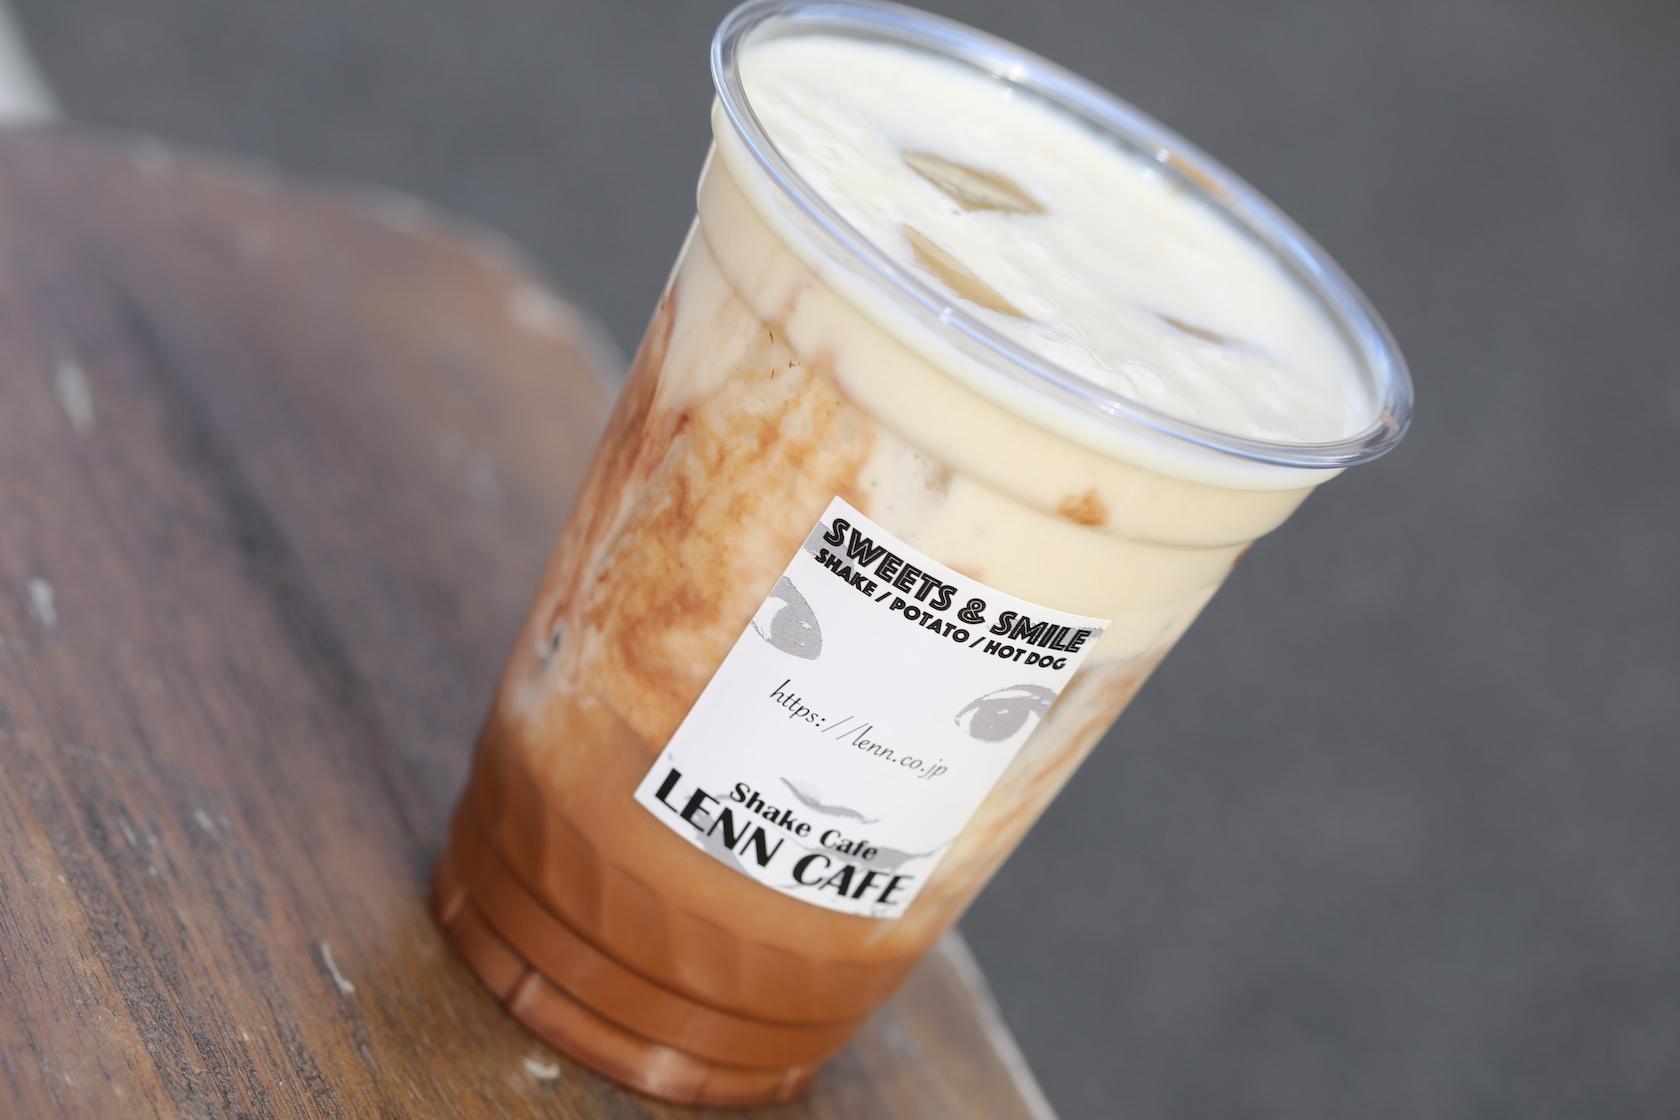 チョコバナナカフェ・ラテ(Banana Chocolate Cafe Latte)23